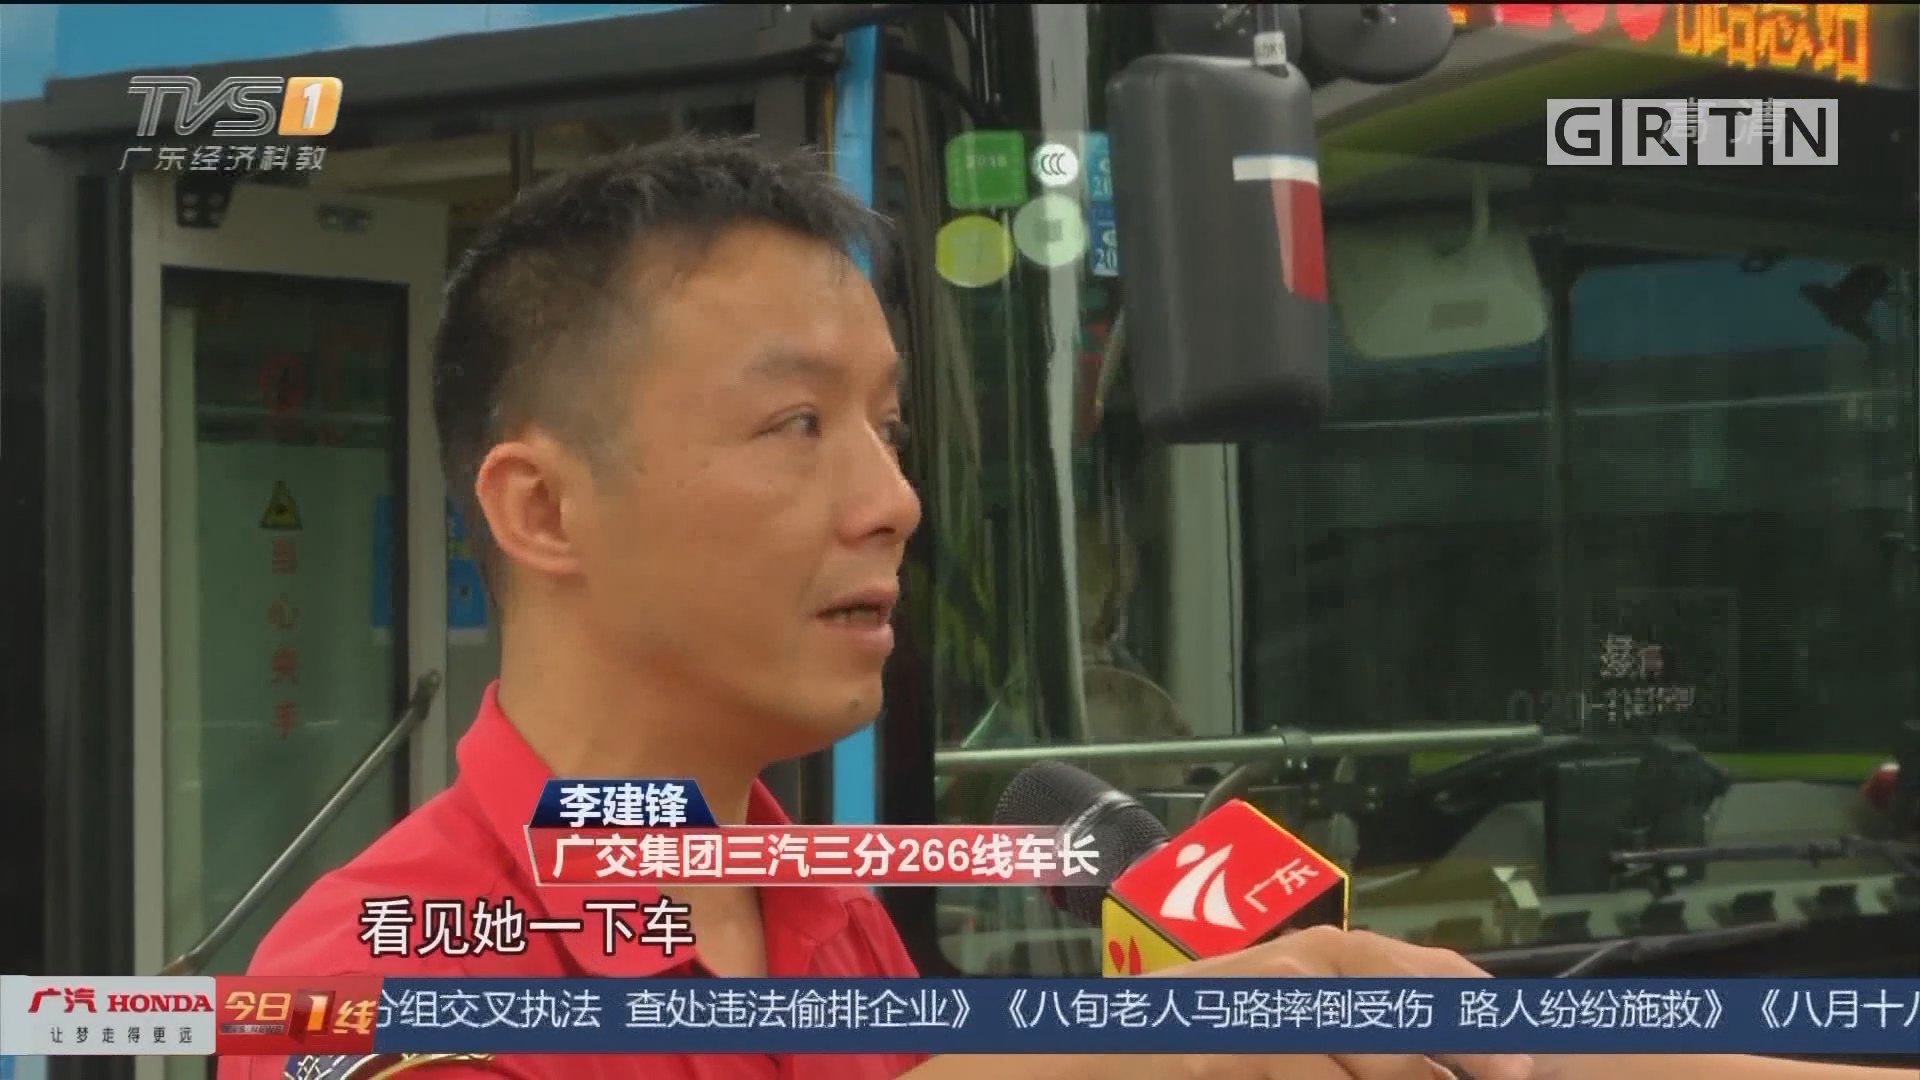 """系列专栏""""温度"""":广州 女孩车站两次跌倒 热心司机及时施救"""